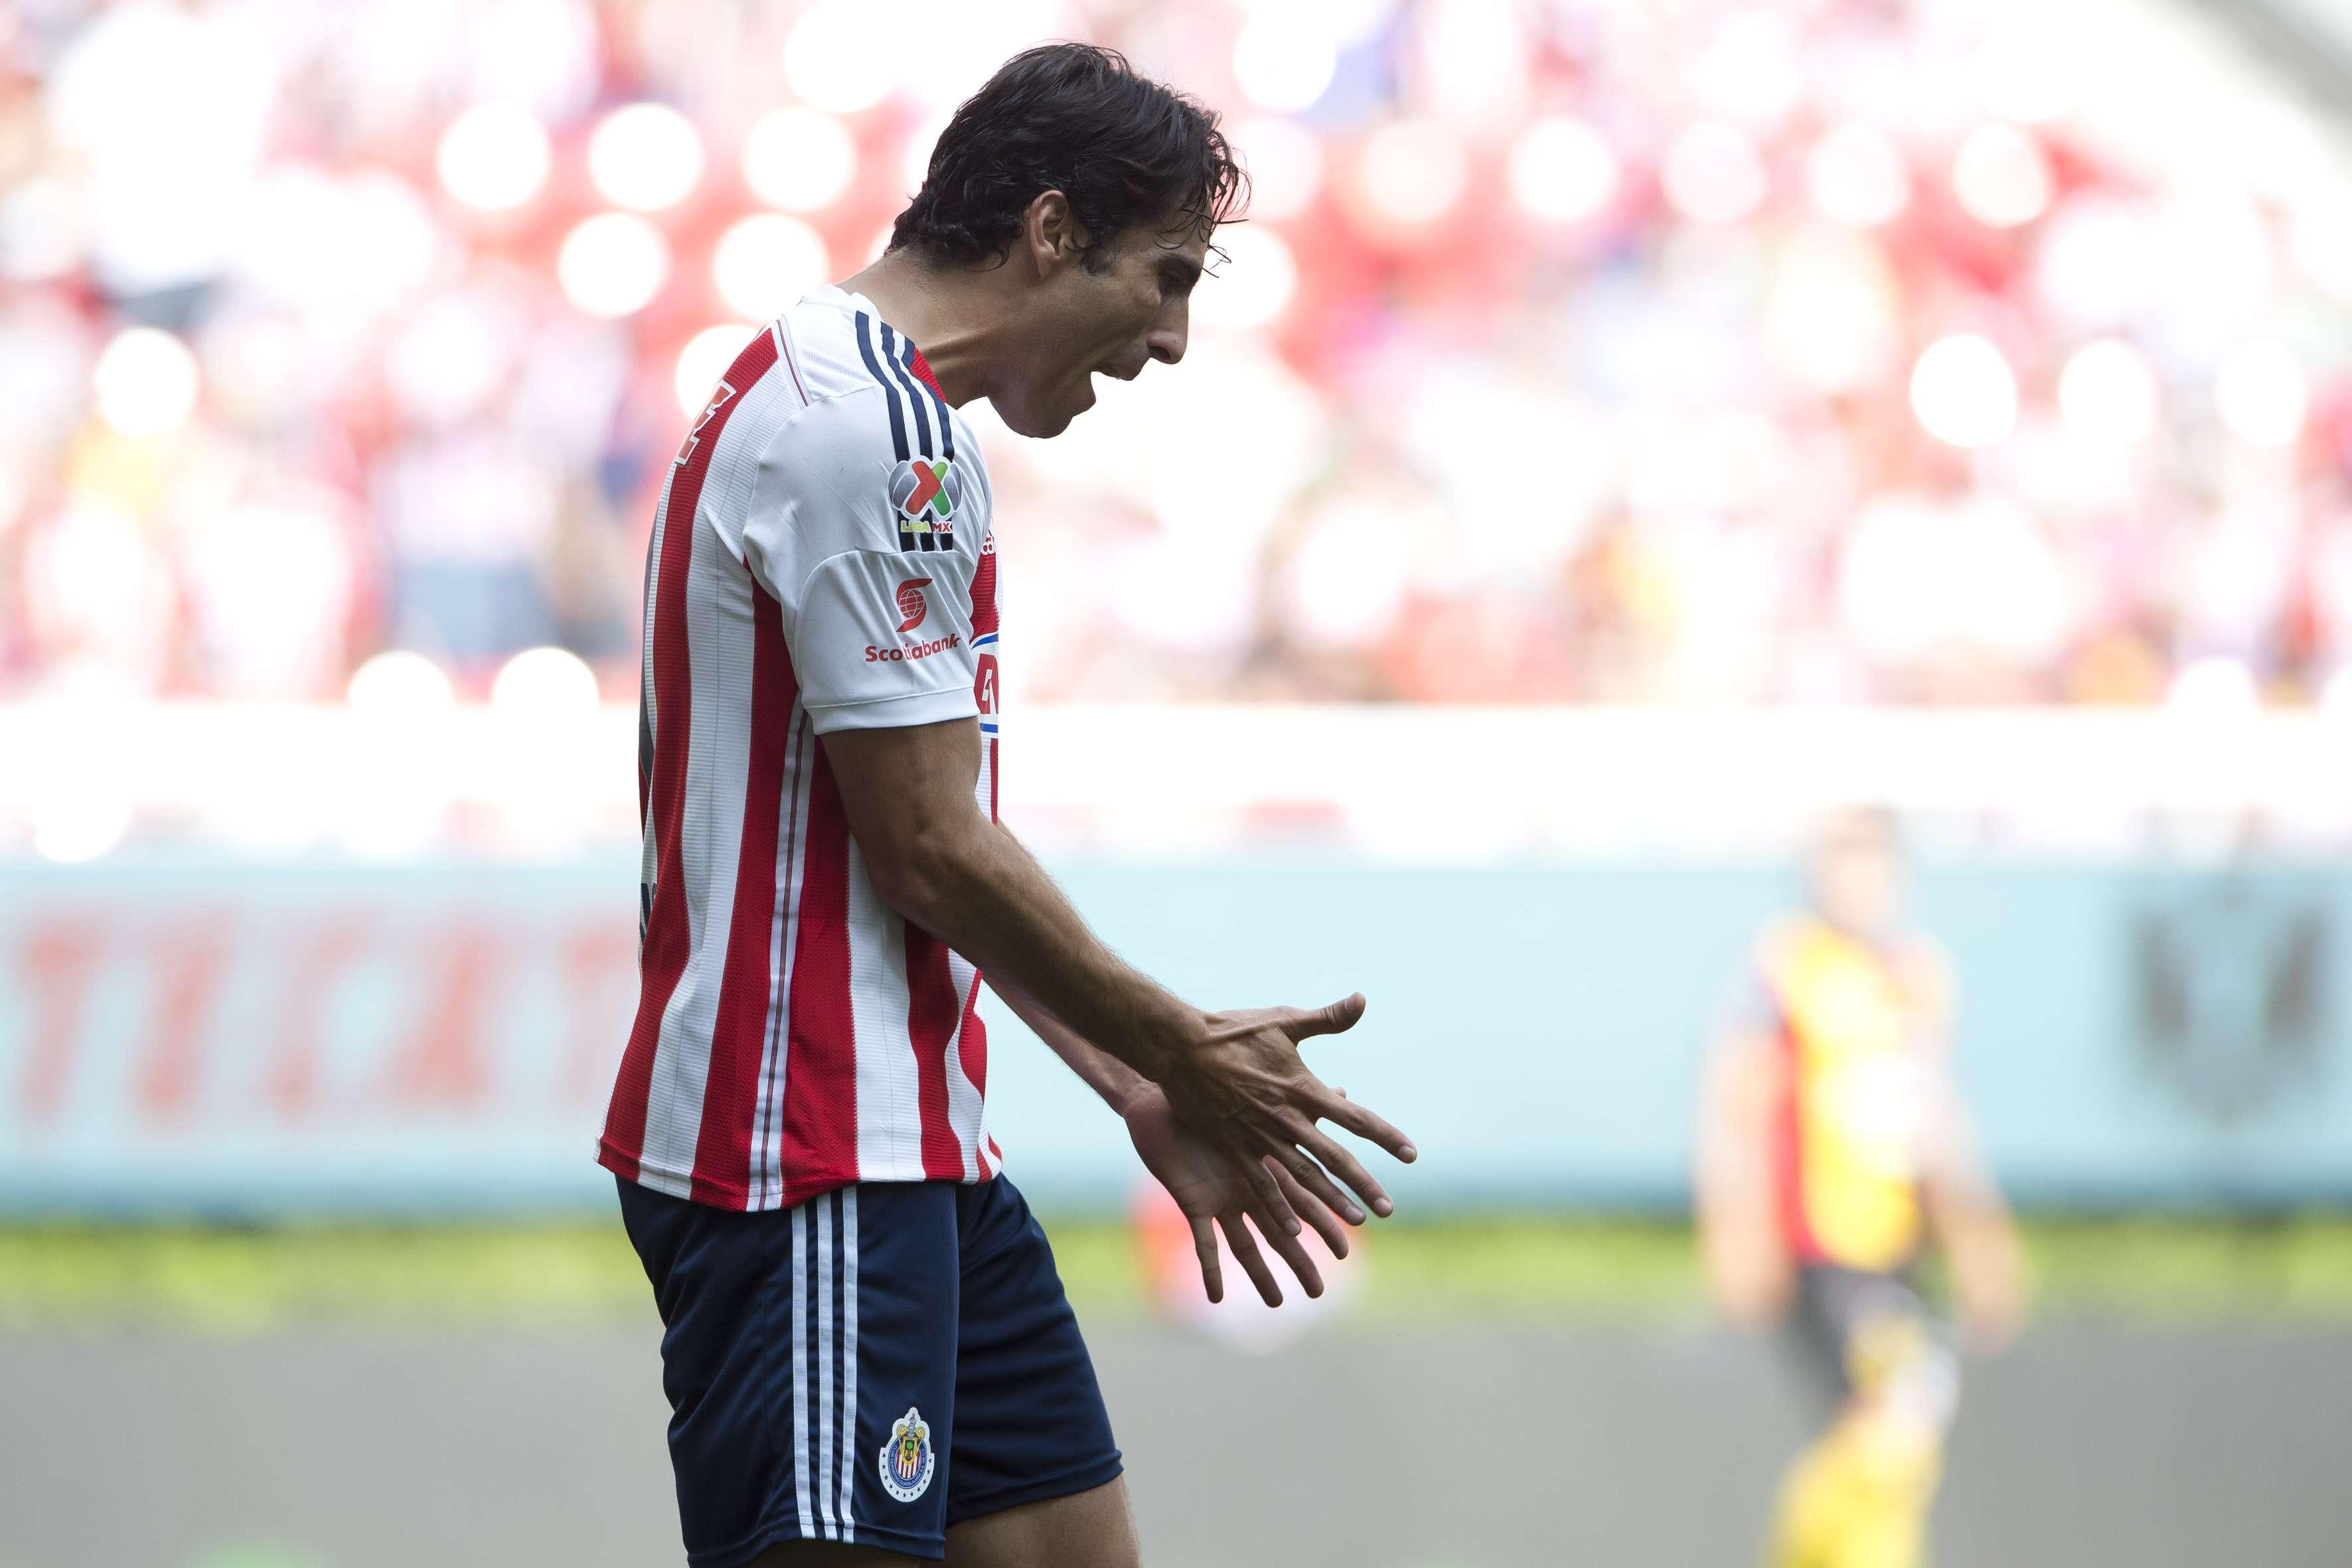 Aldo de Nigris sigue mal y de malas con Chivas, en donde no anota y ahora las lesiones no lo dejan tener actividad. Foto: Mexsport